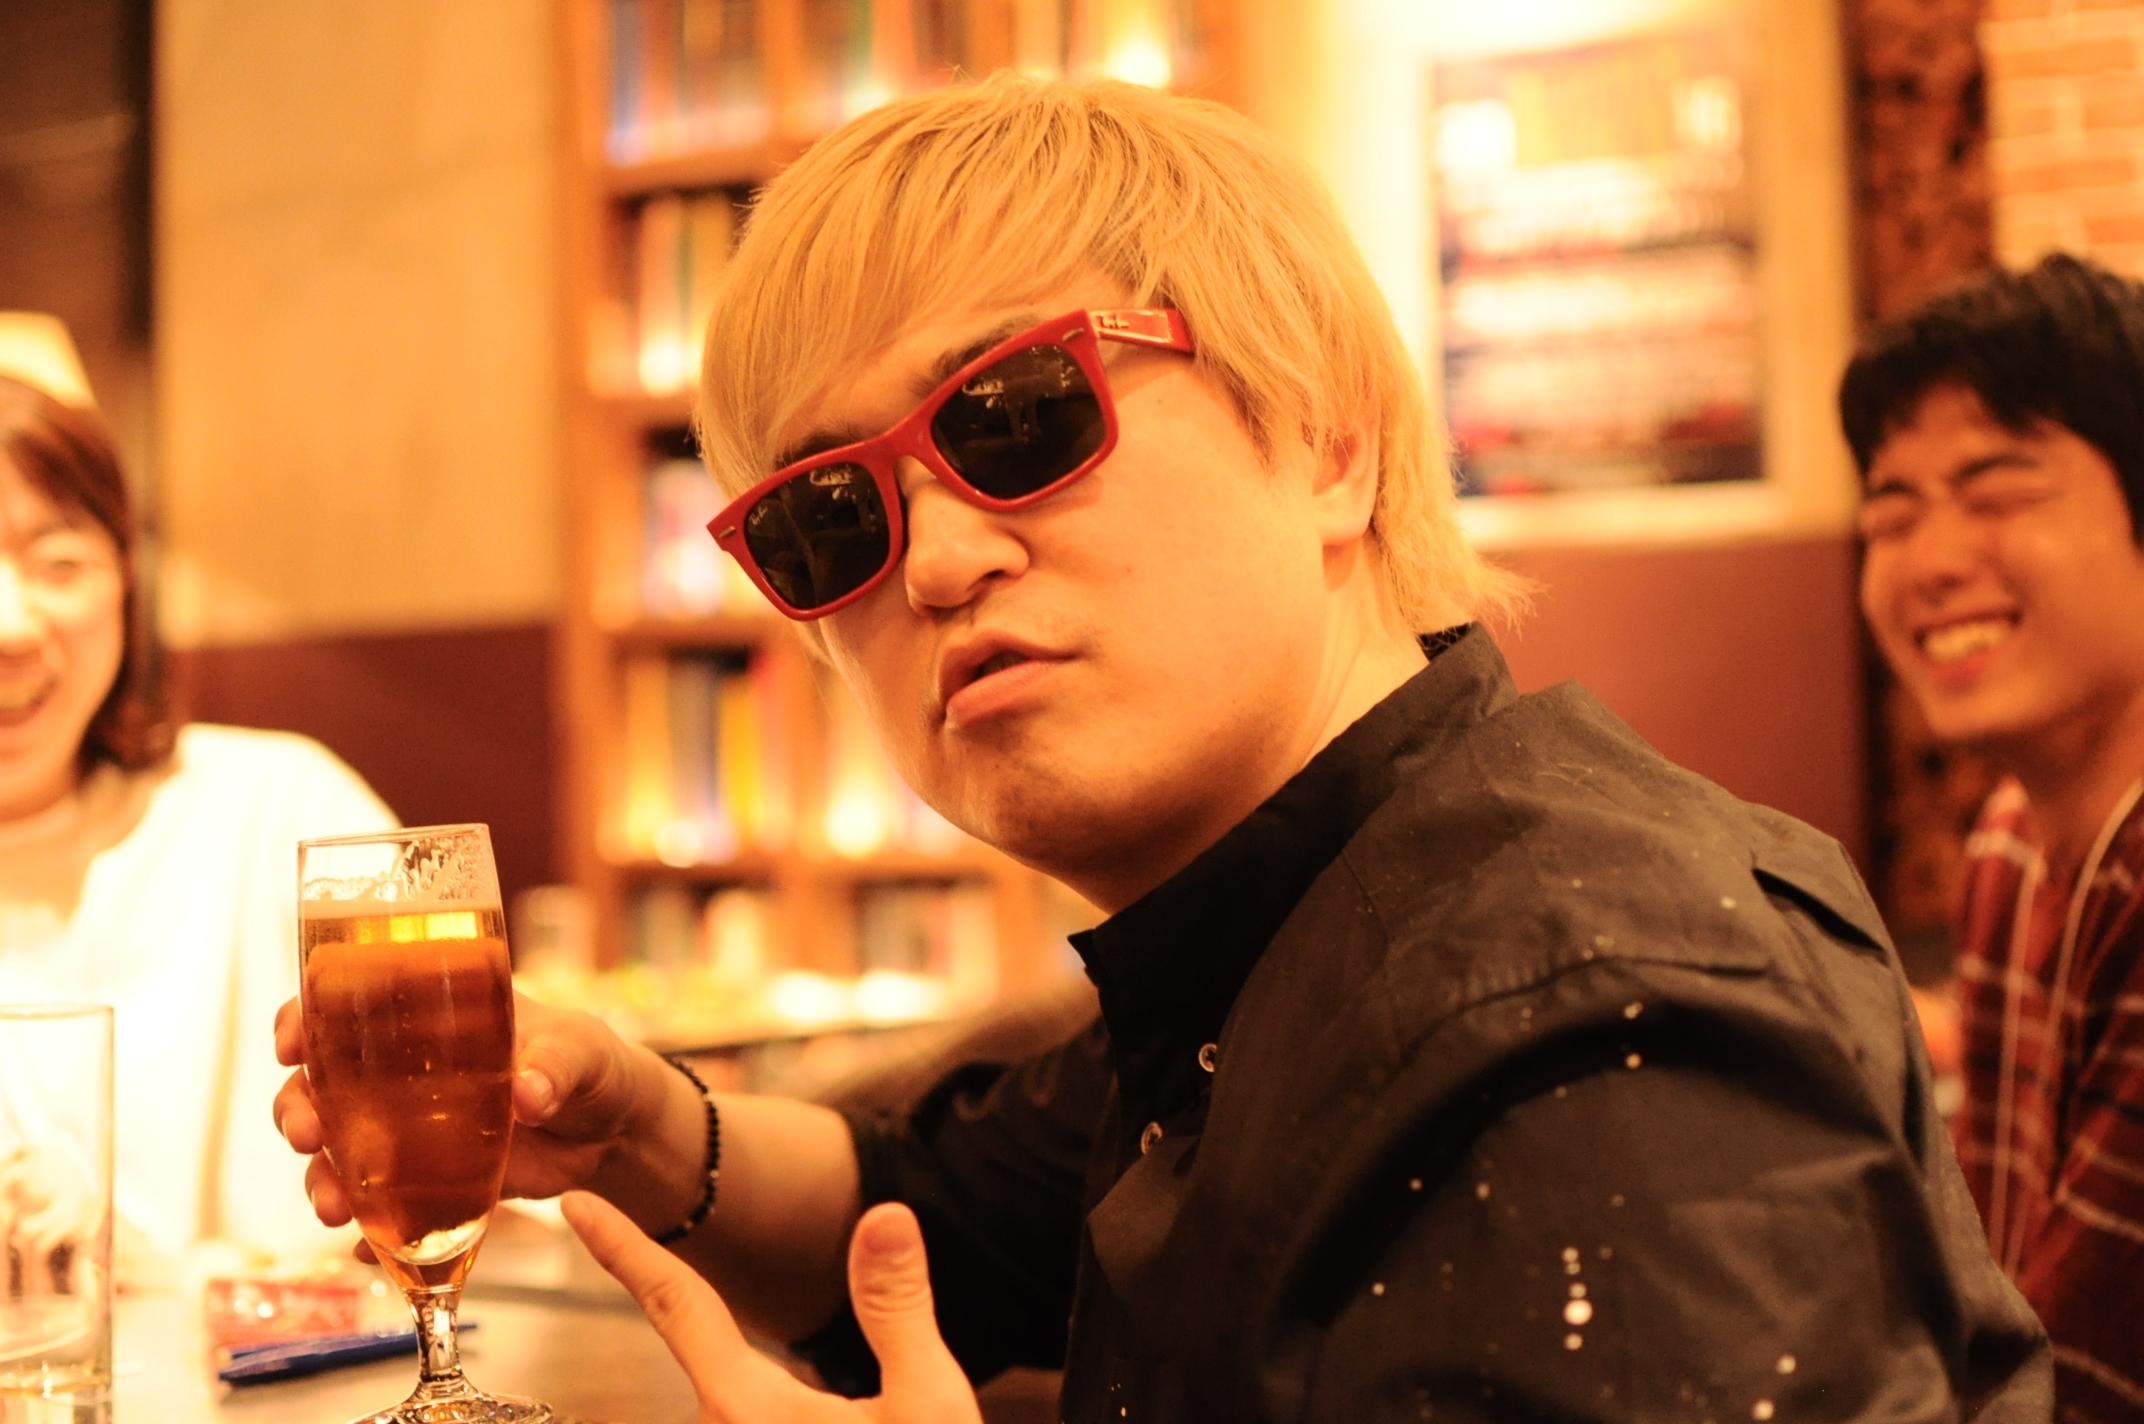 沢田チャレンジ  Photo by Taiyo Kazama